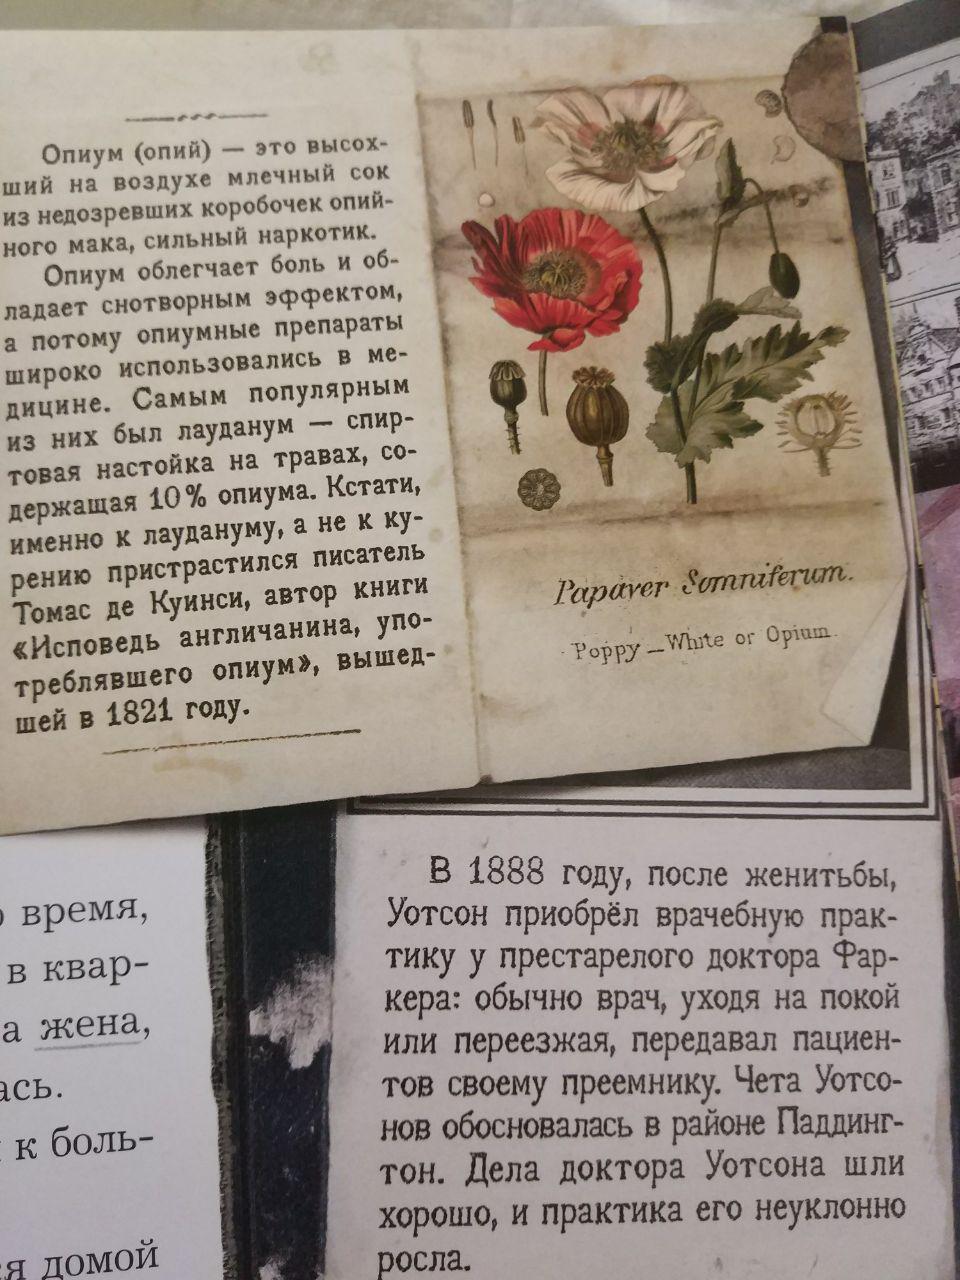 http://s5.uploads.ru/NB2v5.jpg